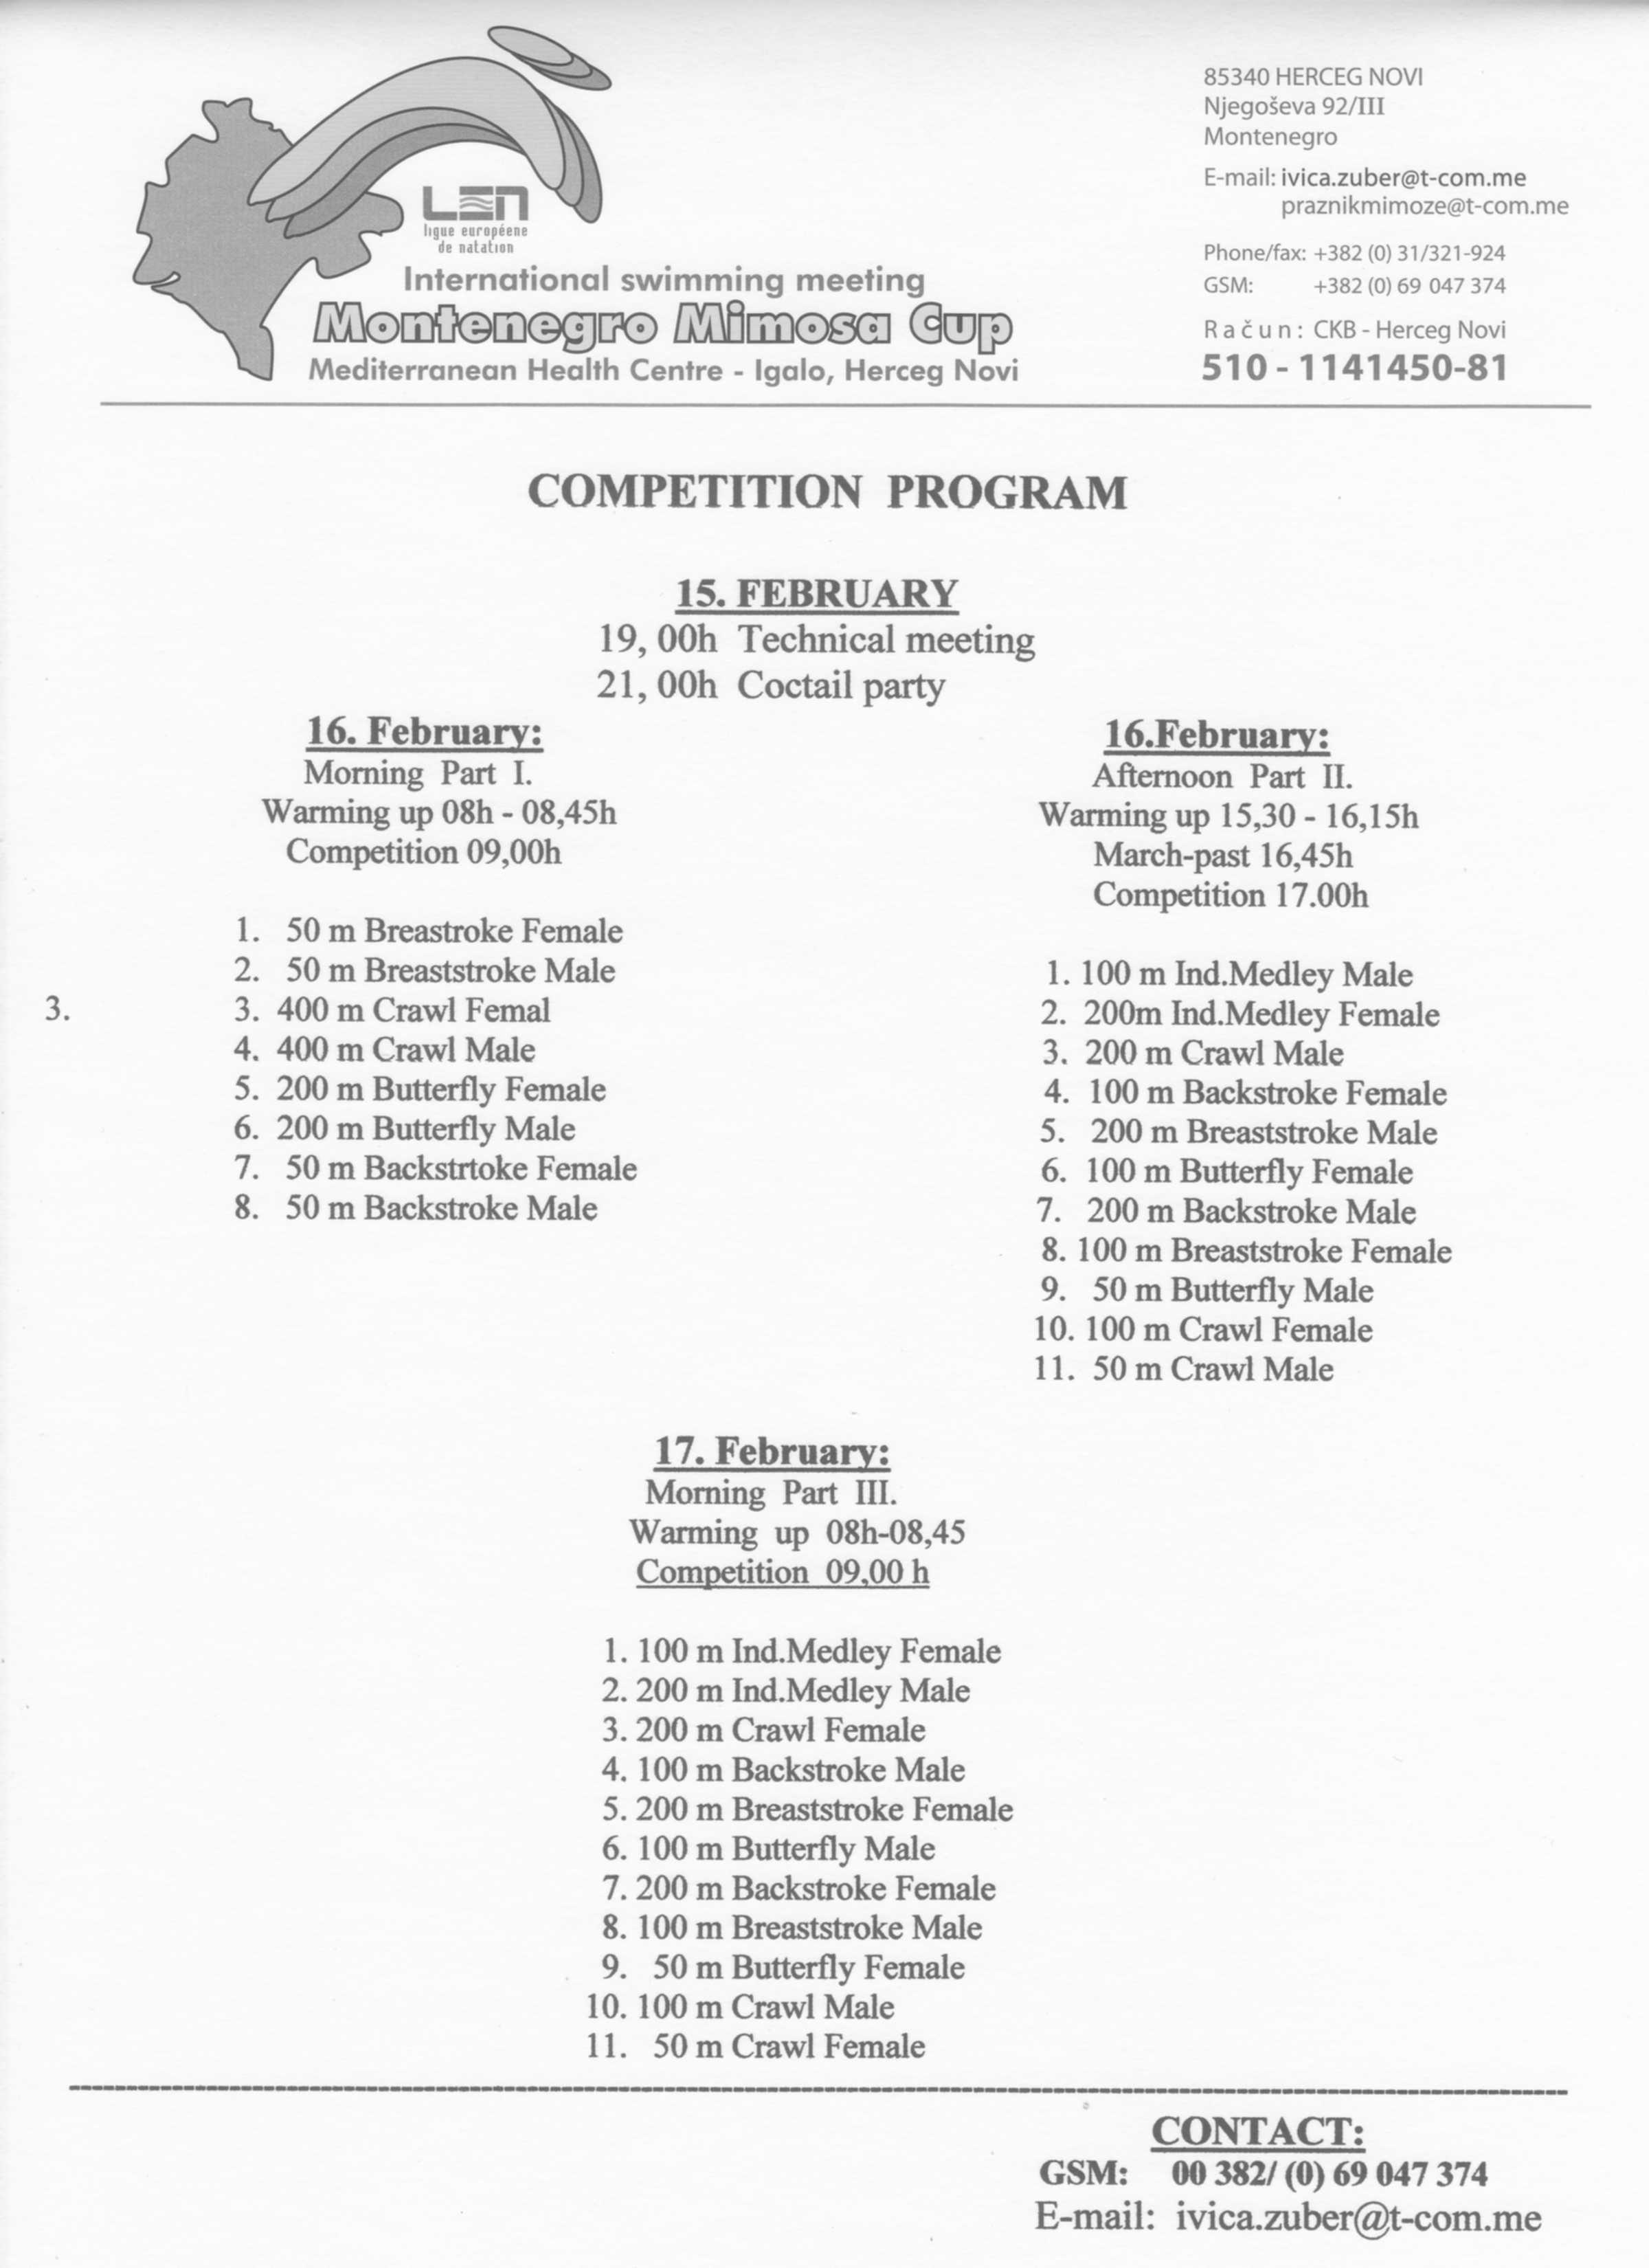 Пропозиције на енглеском језику, страна 1